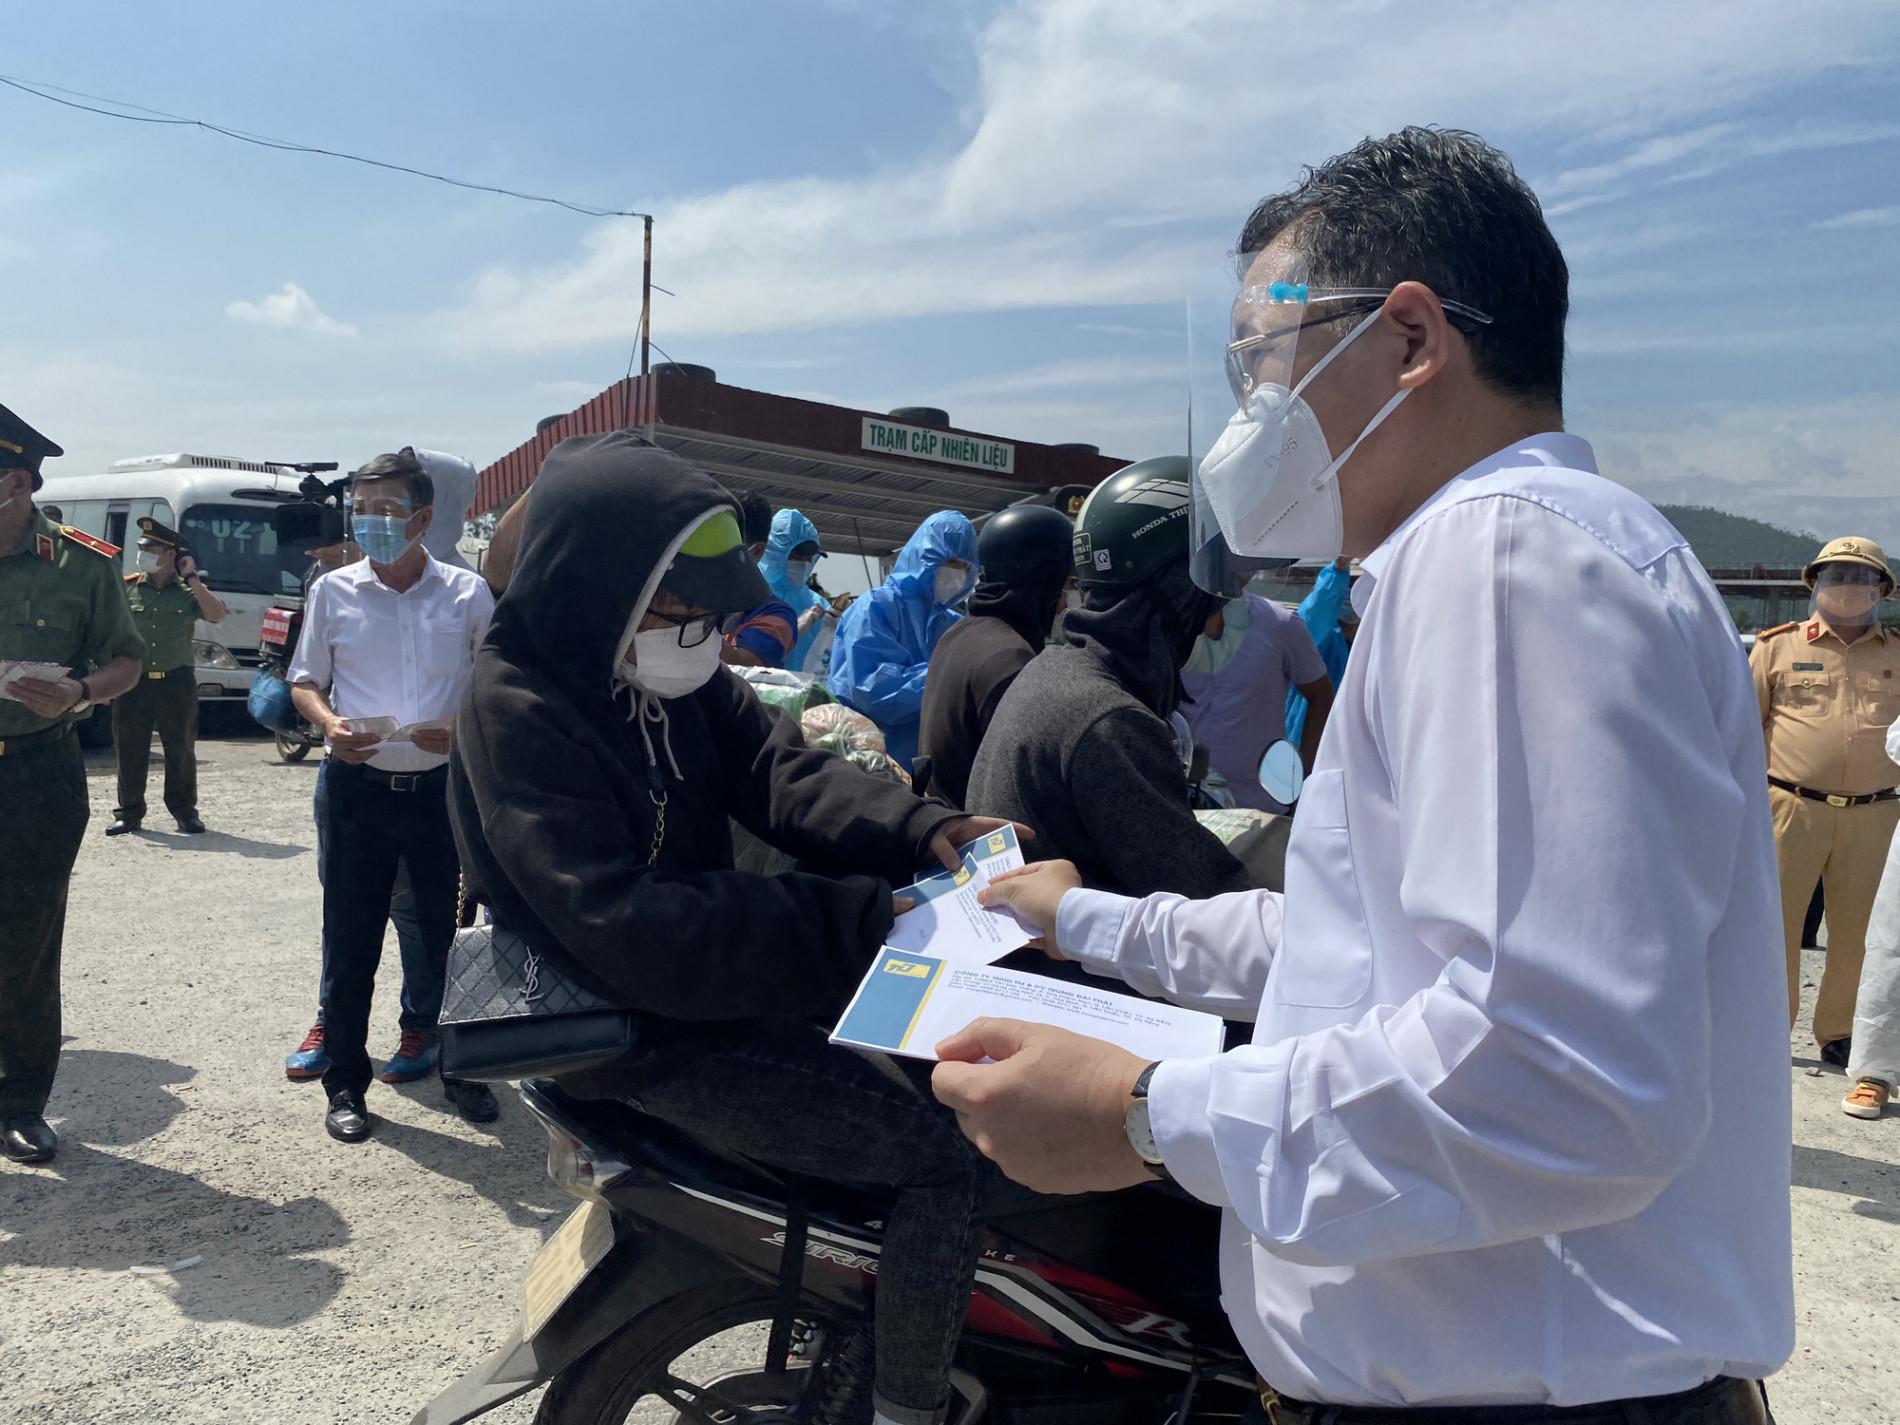 Bí thư Đà Nẵng đến hầm Hải Vân, phát tiền hỗ trợ cho người dân về quê - Ảnh 6.